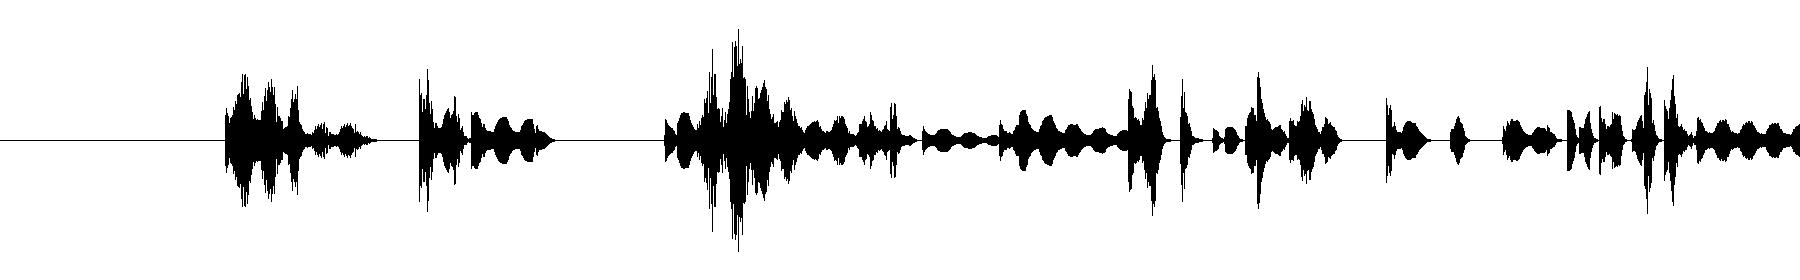 hm 124 gf epiano19